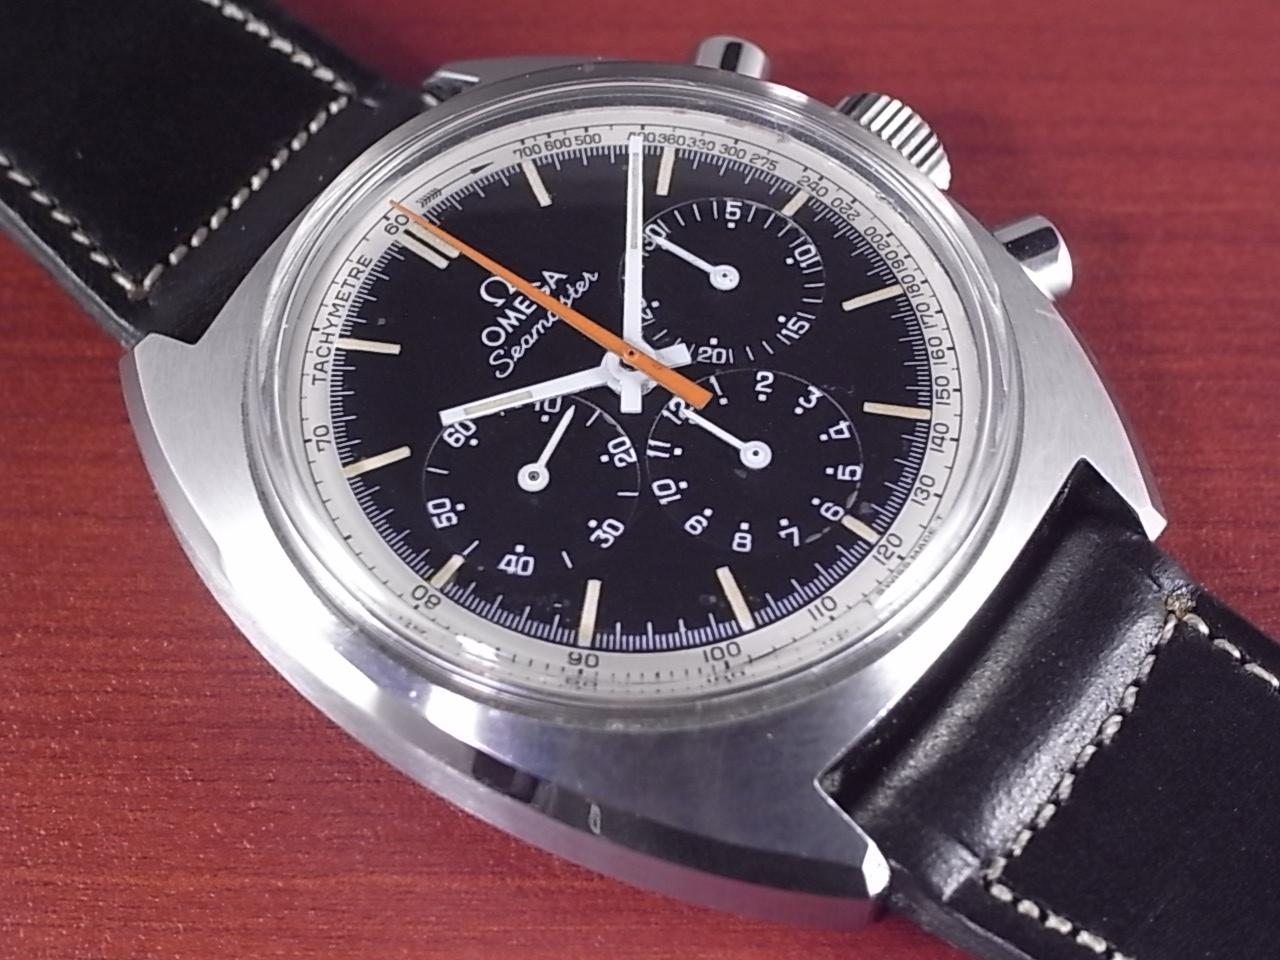 オメガ シーマスター クロノグラフ Ref.145.016 Cal.861 1960年代のメイン写真